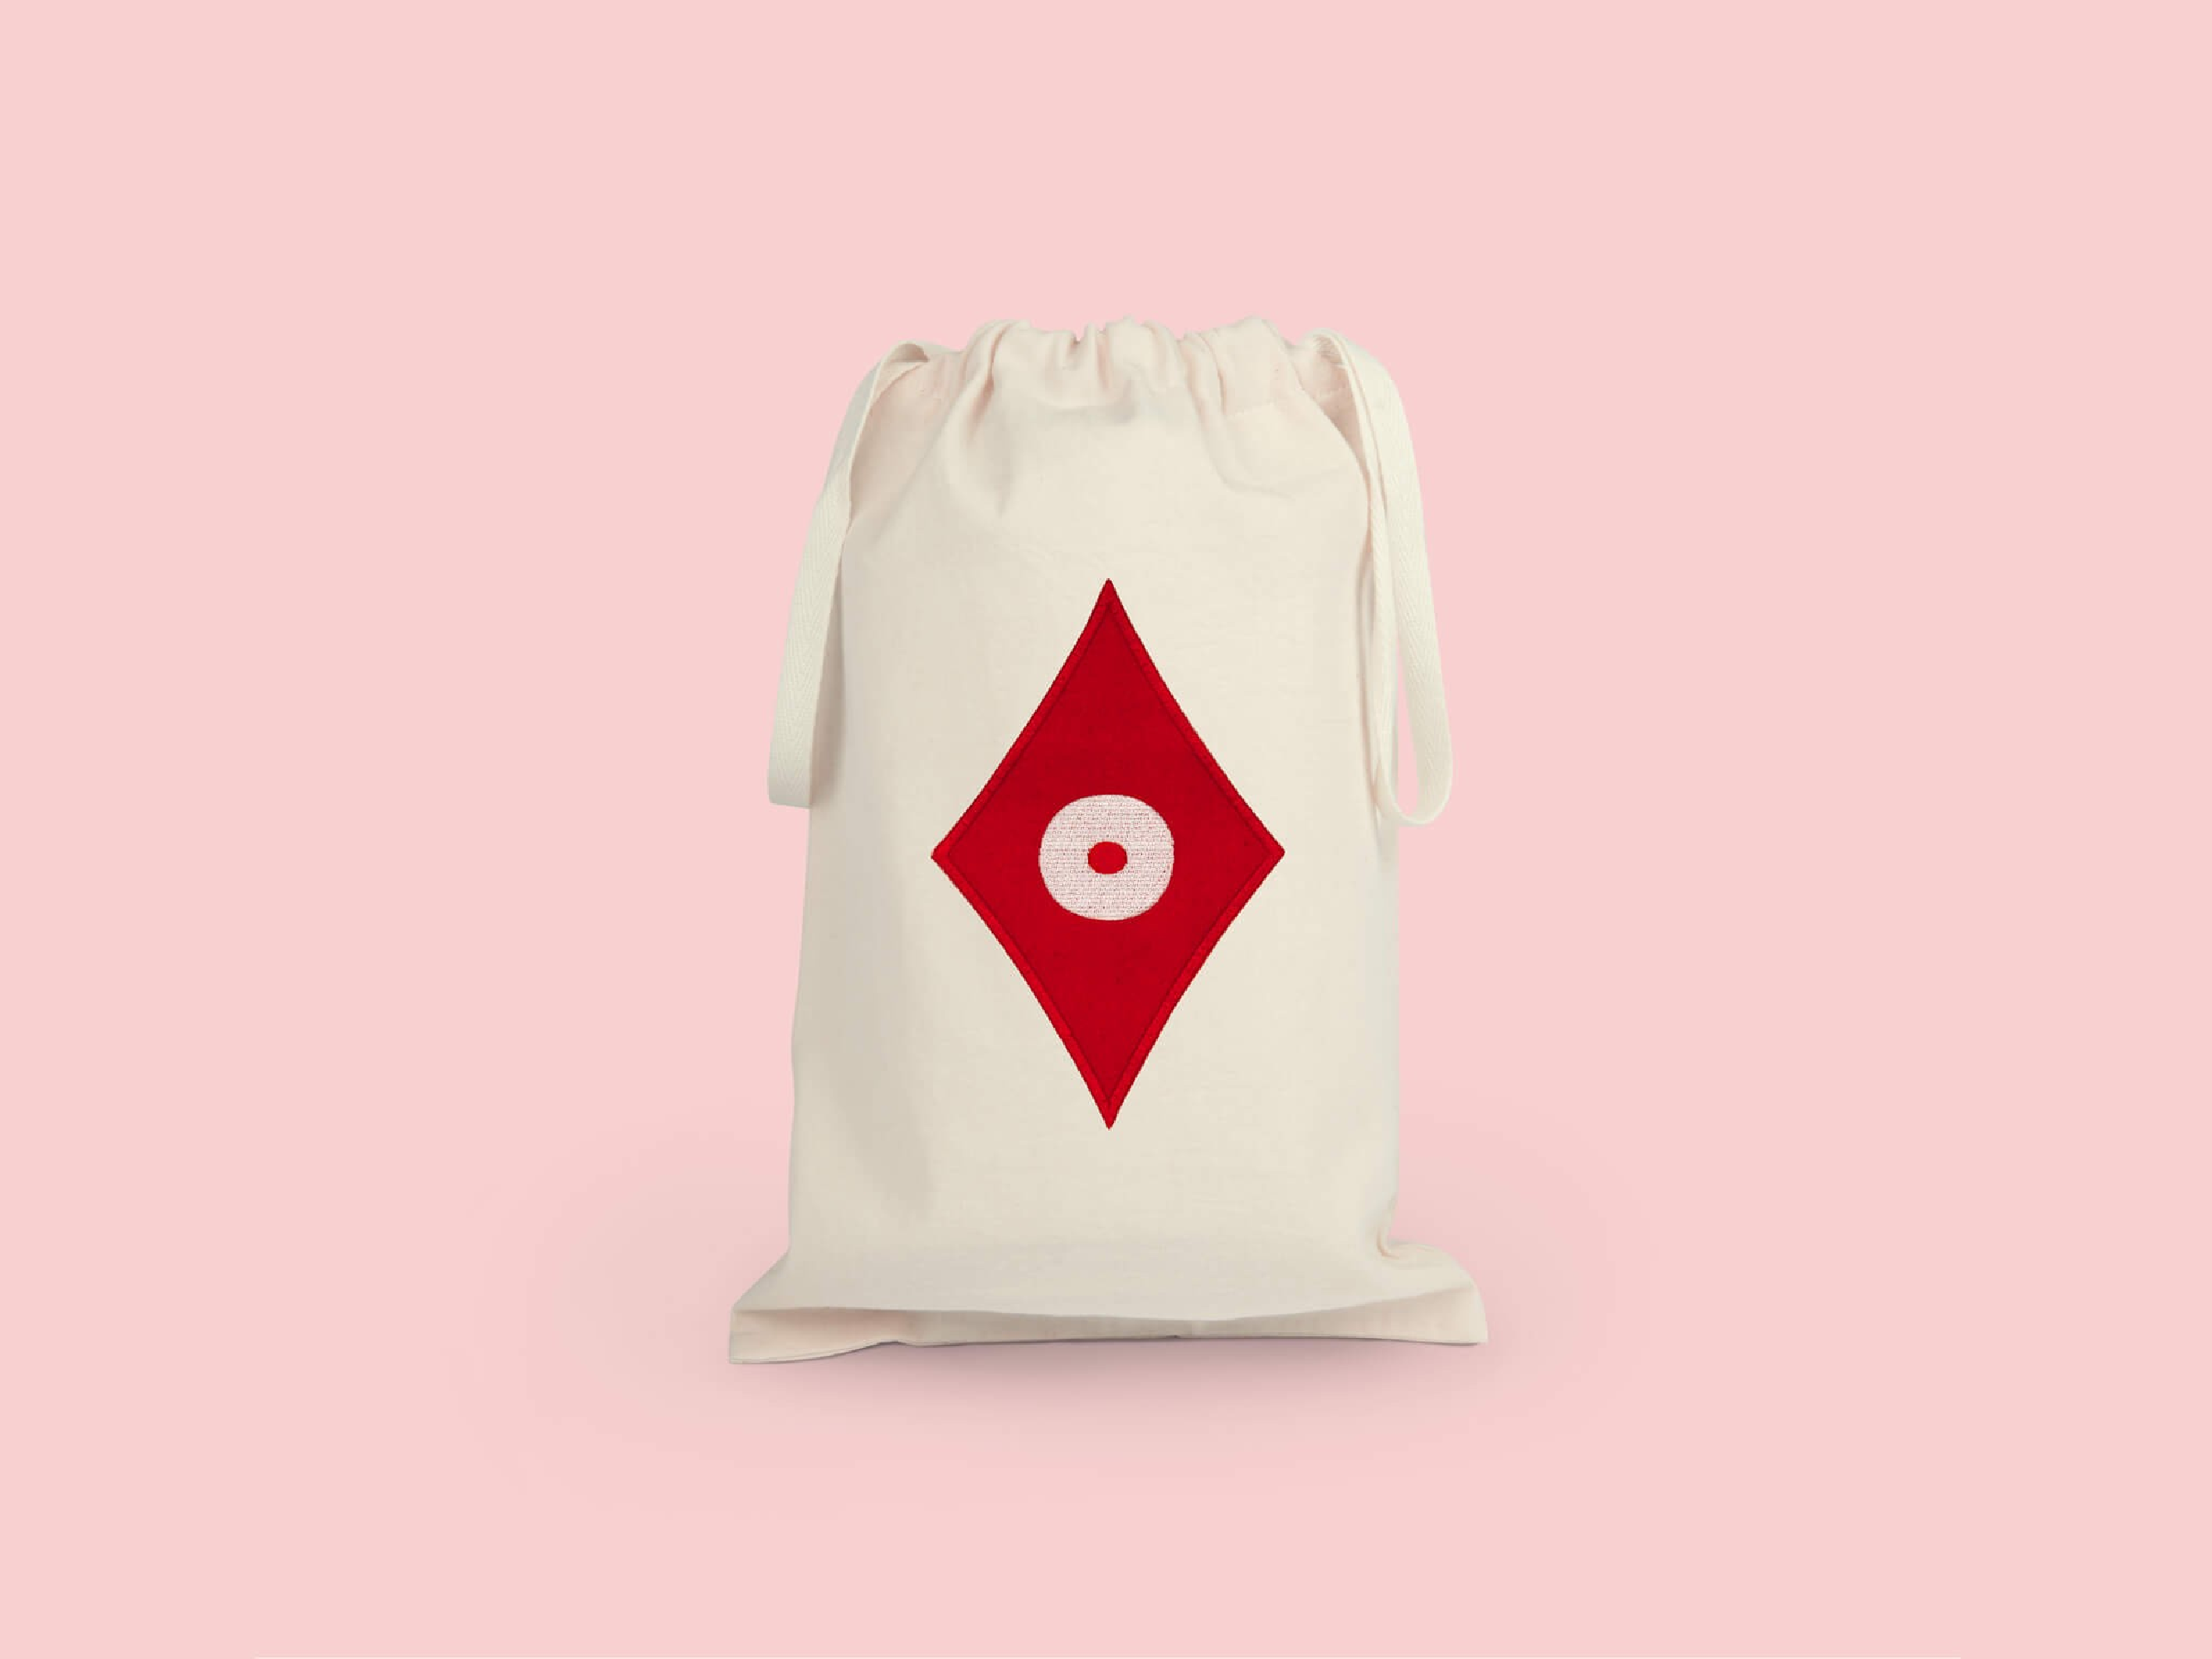 la pochette  de voyage carreau, elle reprend le motif carreau pokerface phares du studio Ich&Kar.